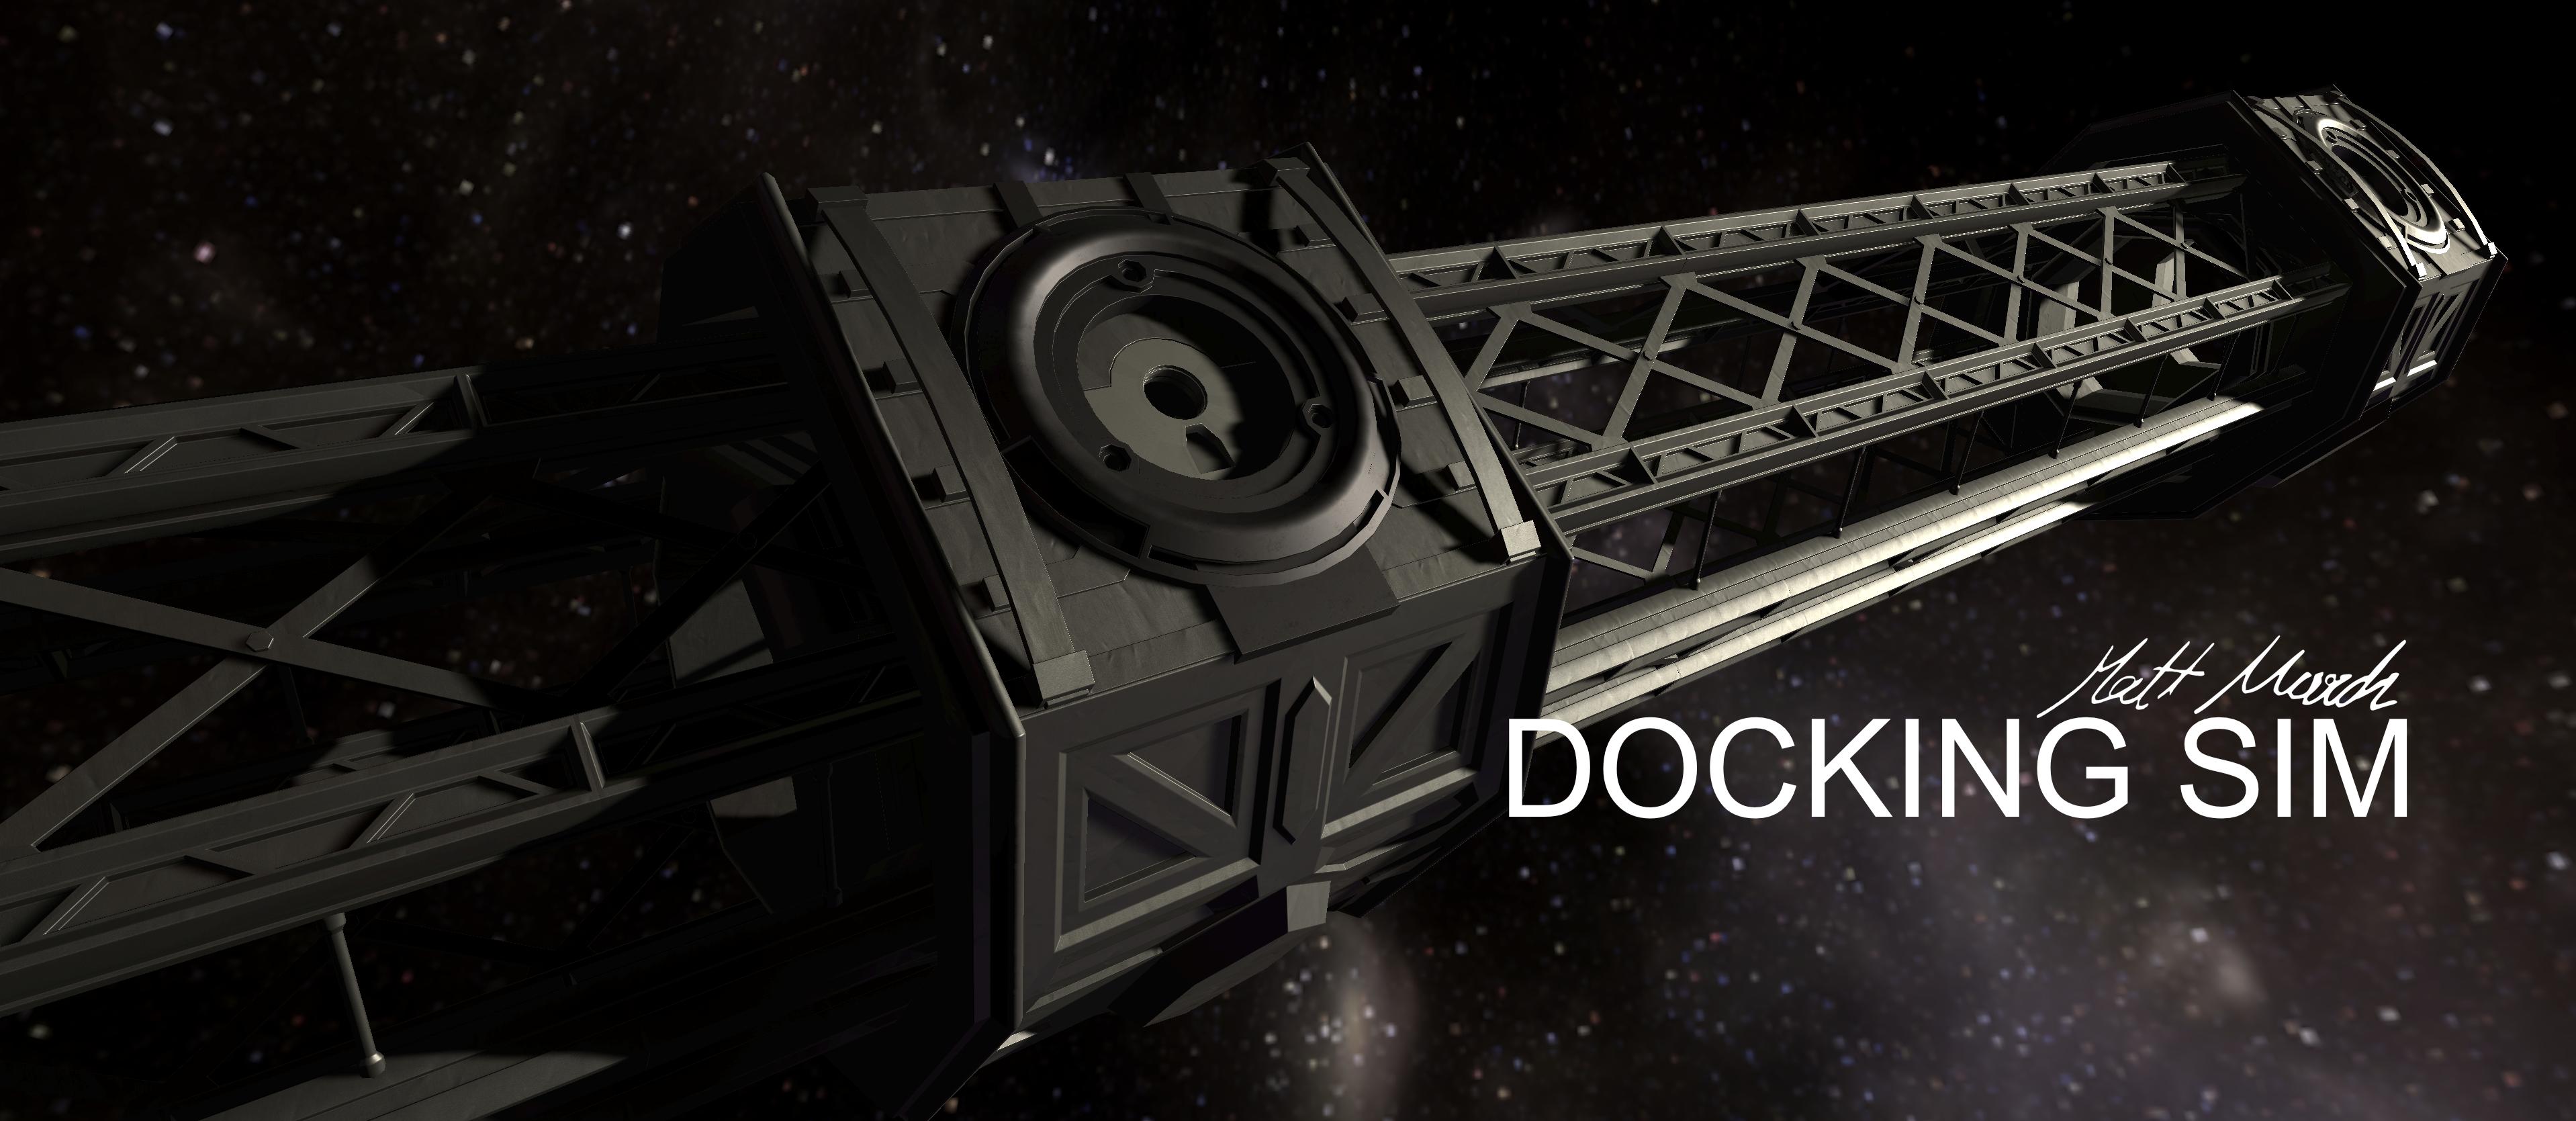 Docking Sim